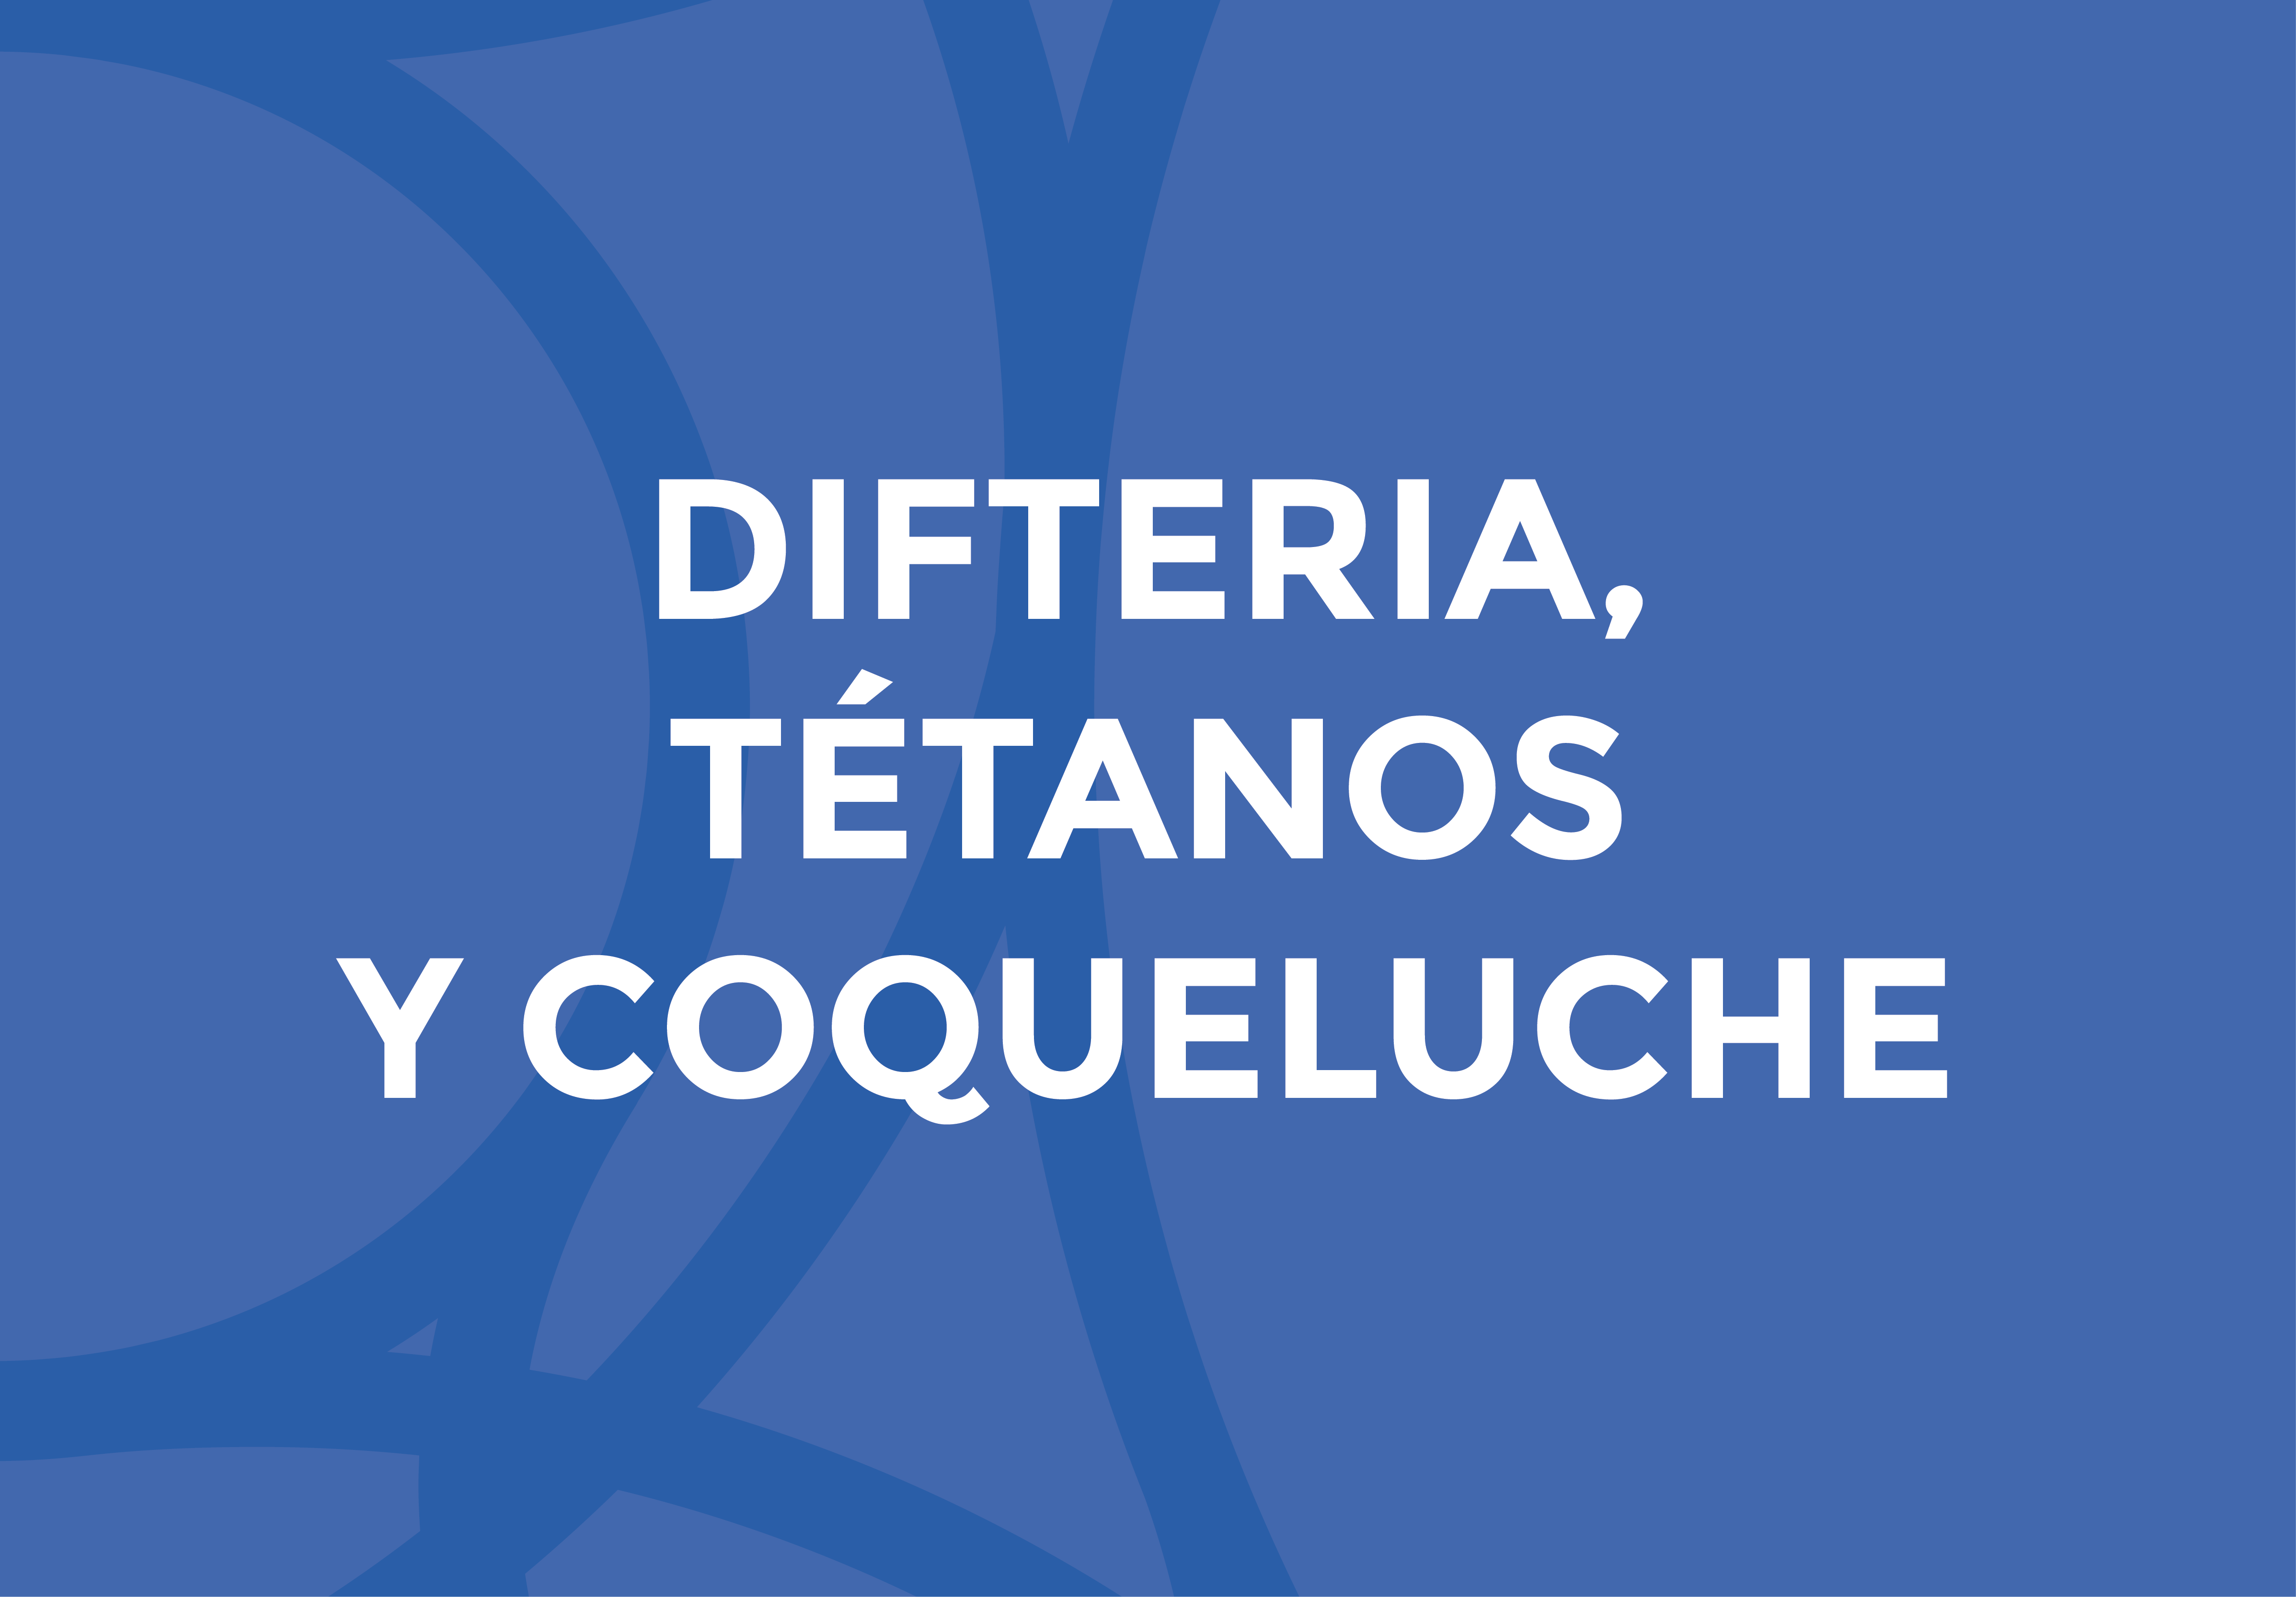 DIFTERIA, TÉTANOS Y COQUELUCHE